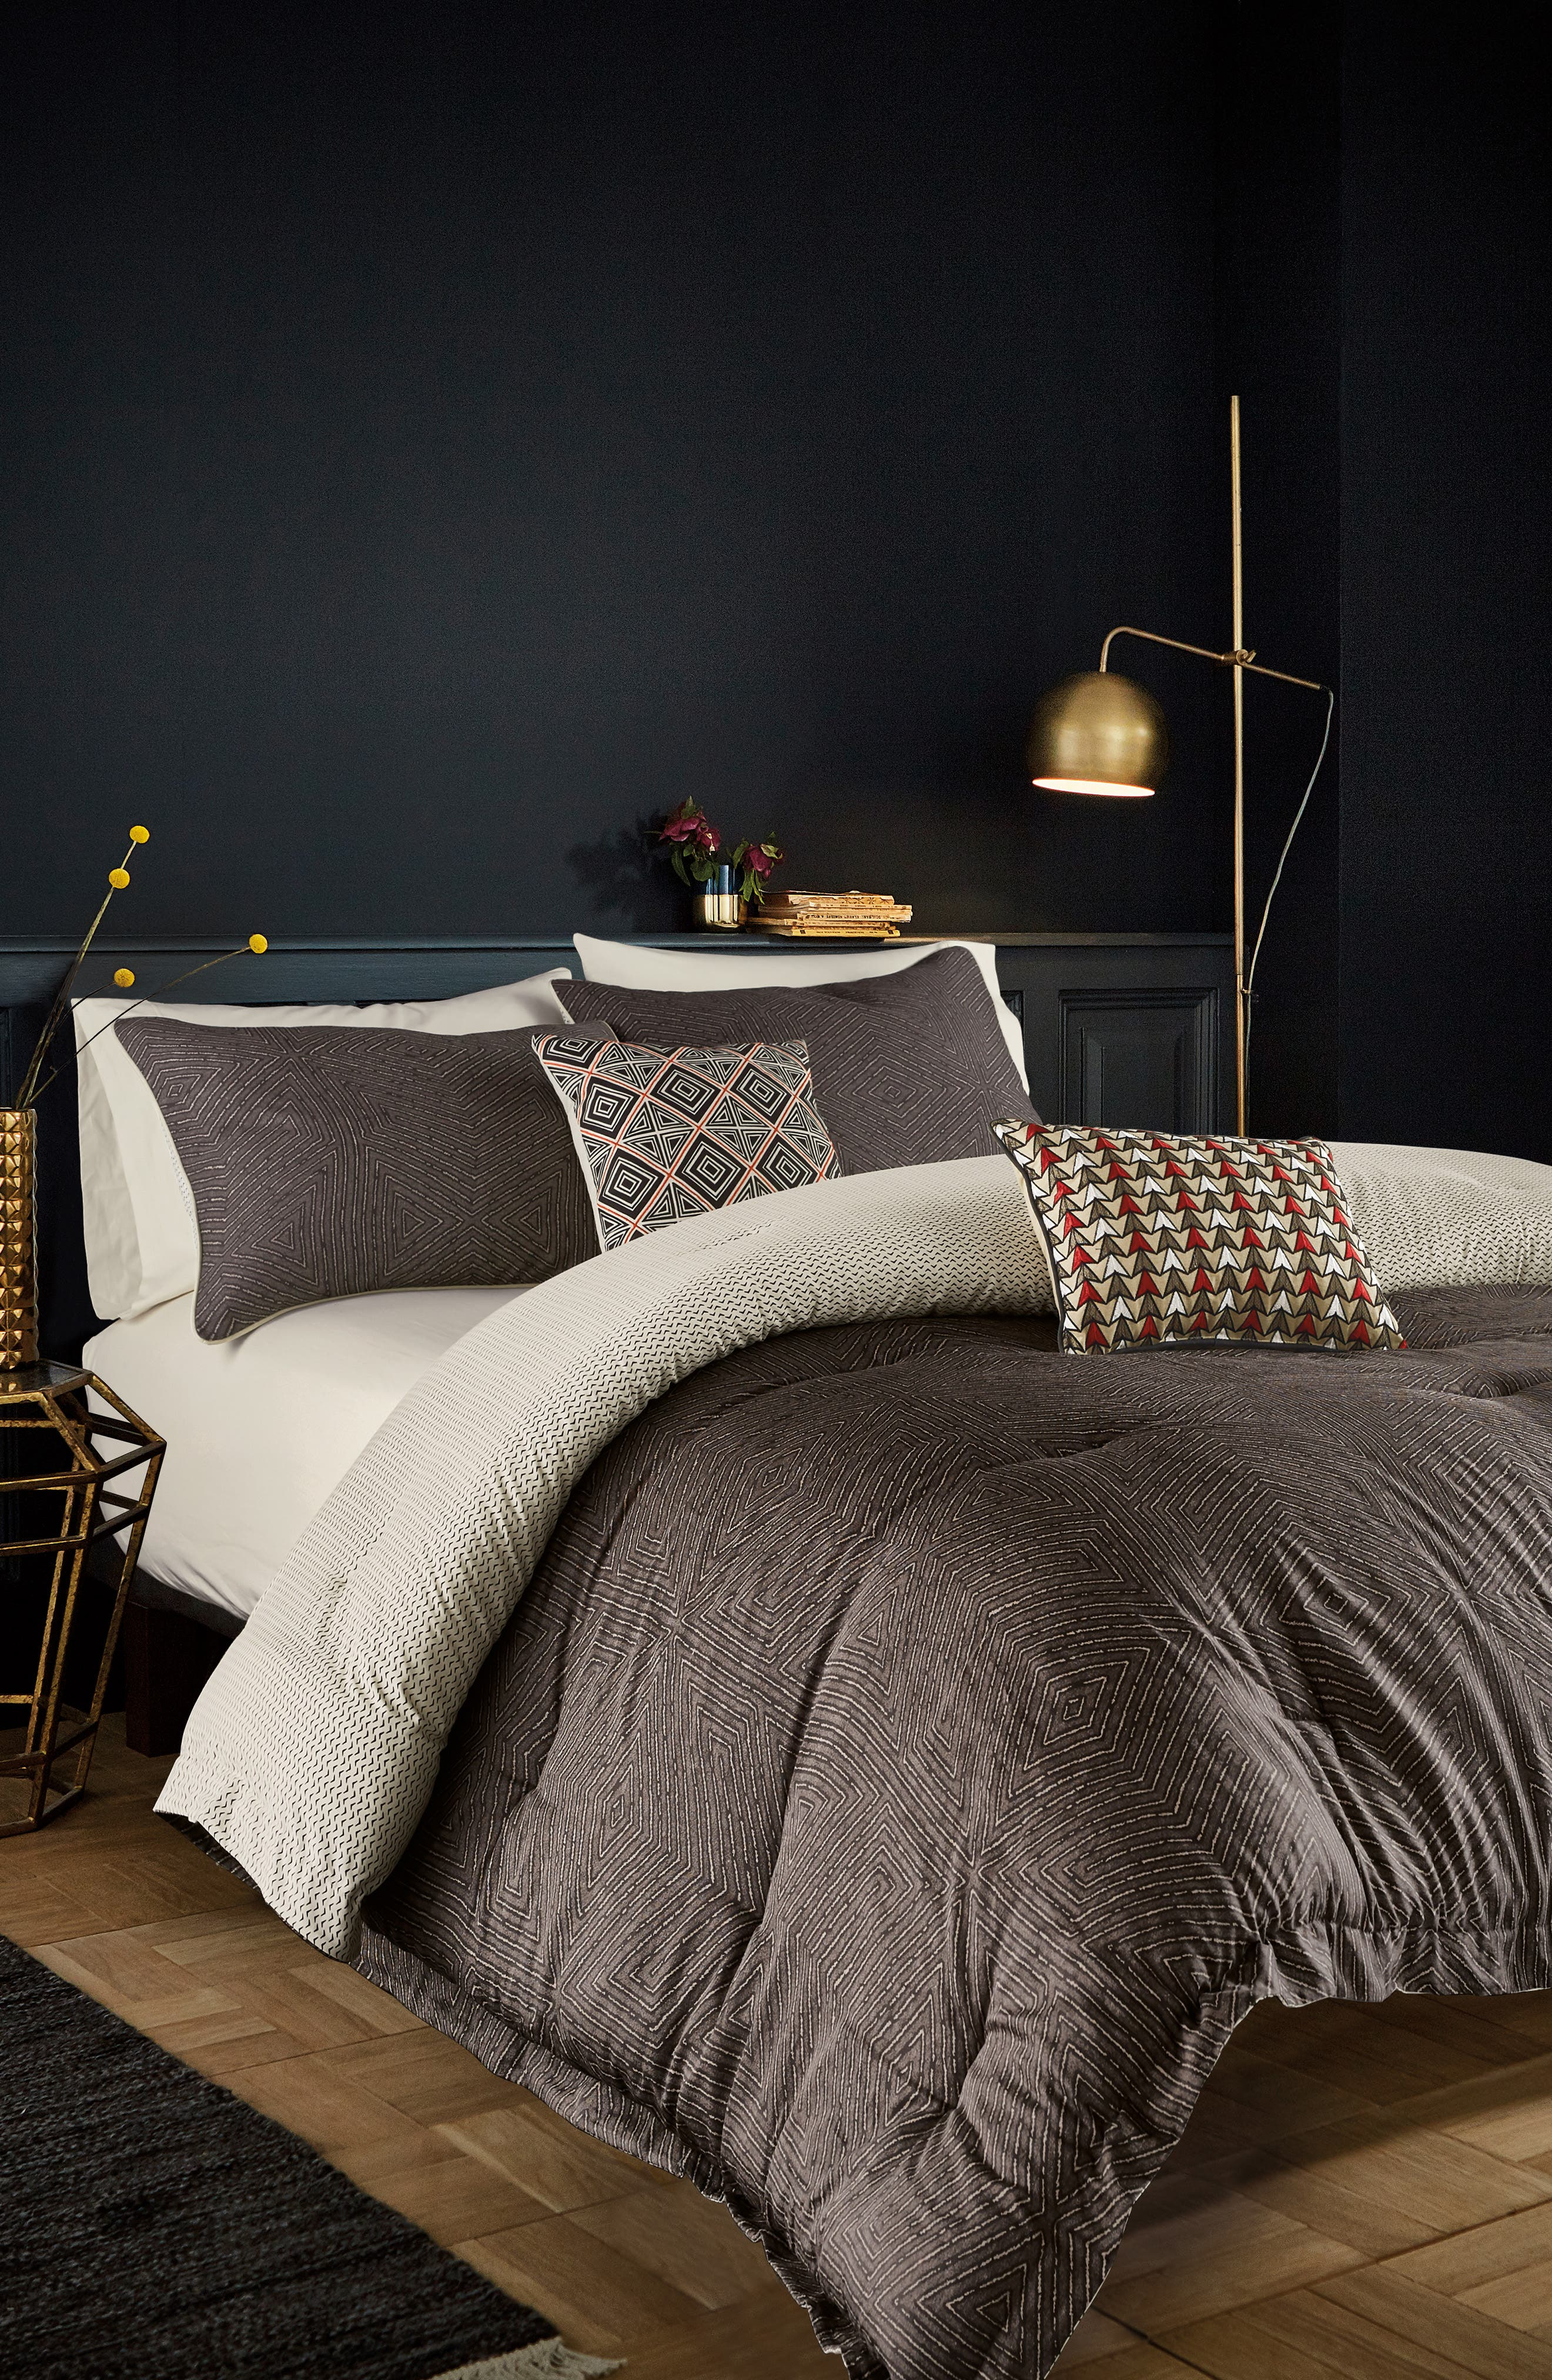 BEDECK Arro Comforter, Sham & Accent Pillow Set, Main, color, CHARCOAL